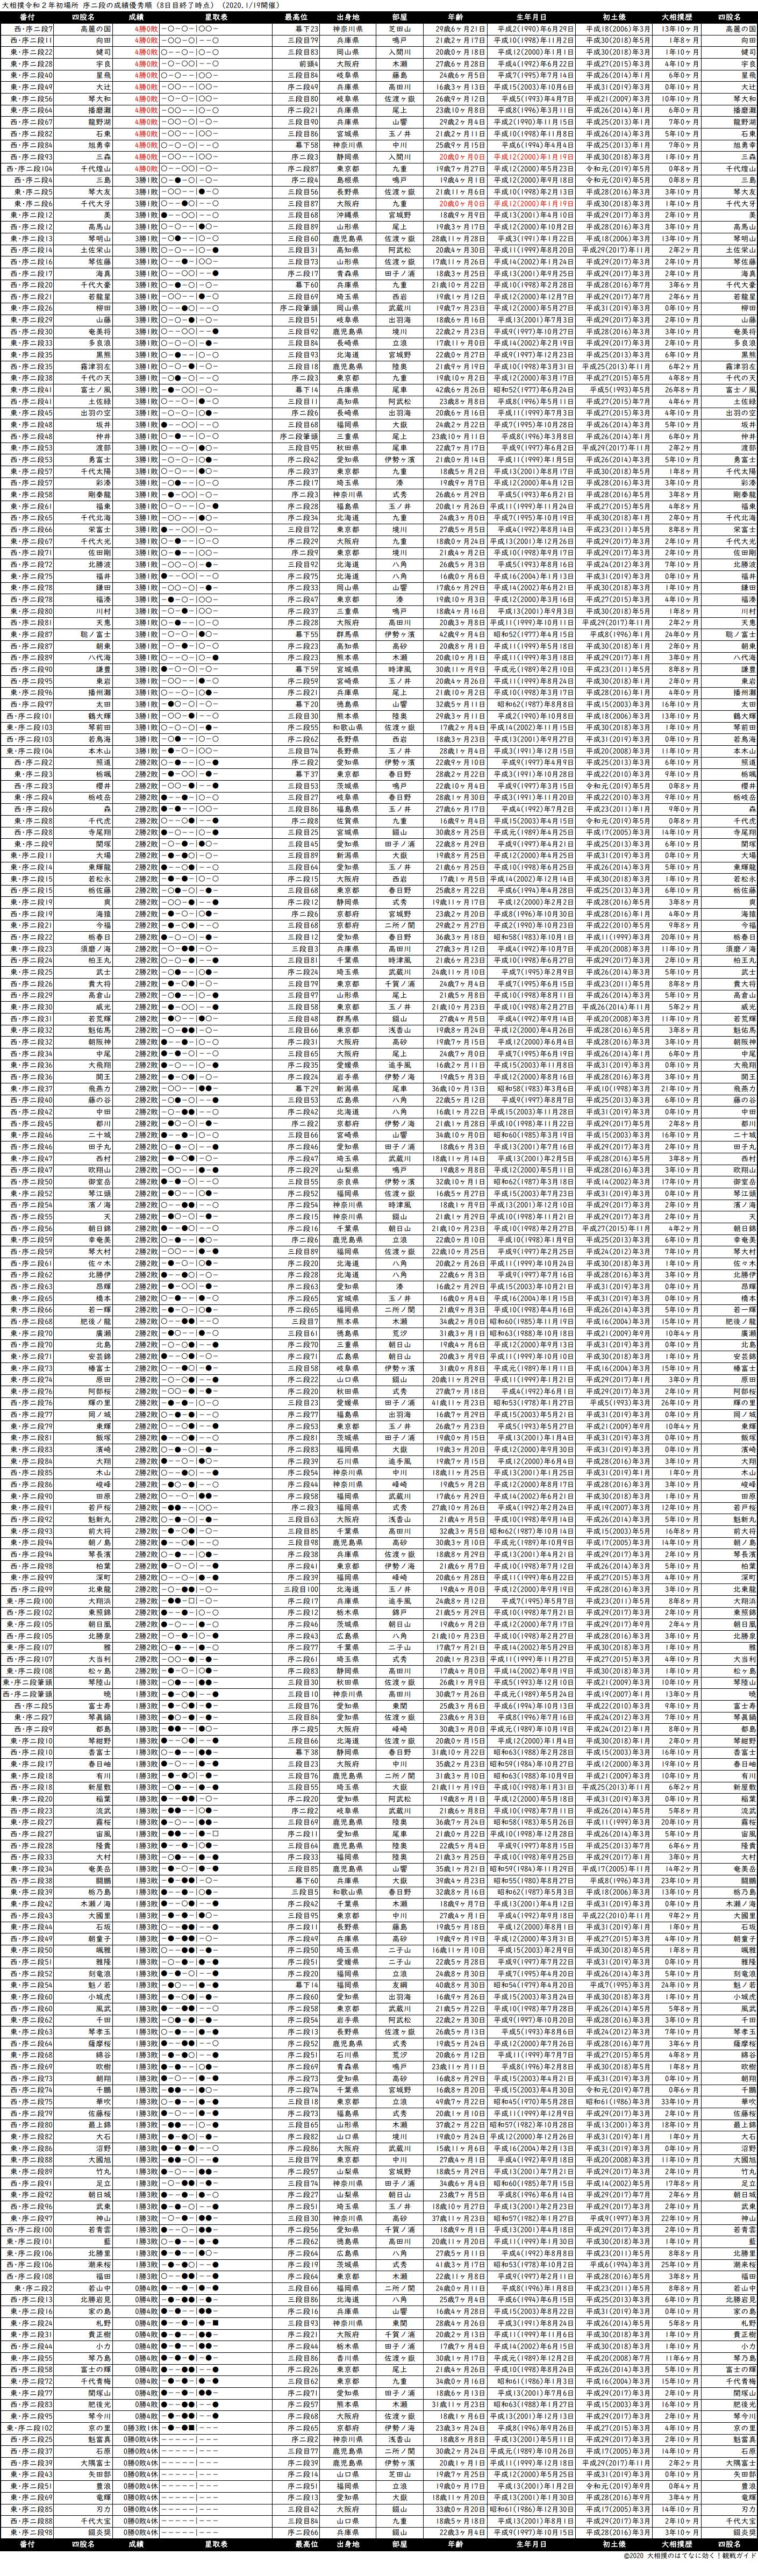 序二段成績順一覧表・2020年1月場所8日目